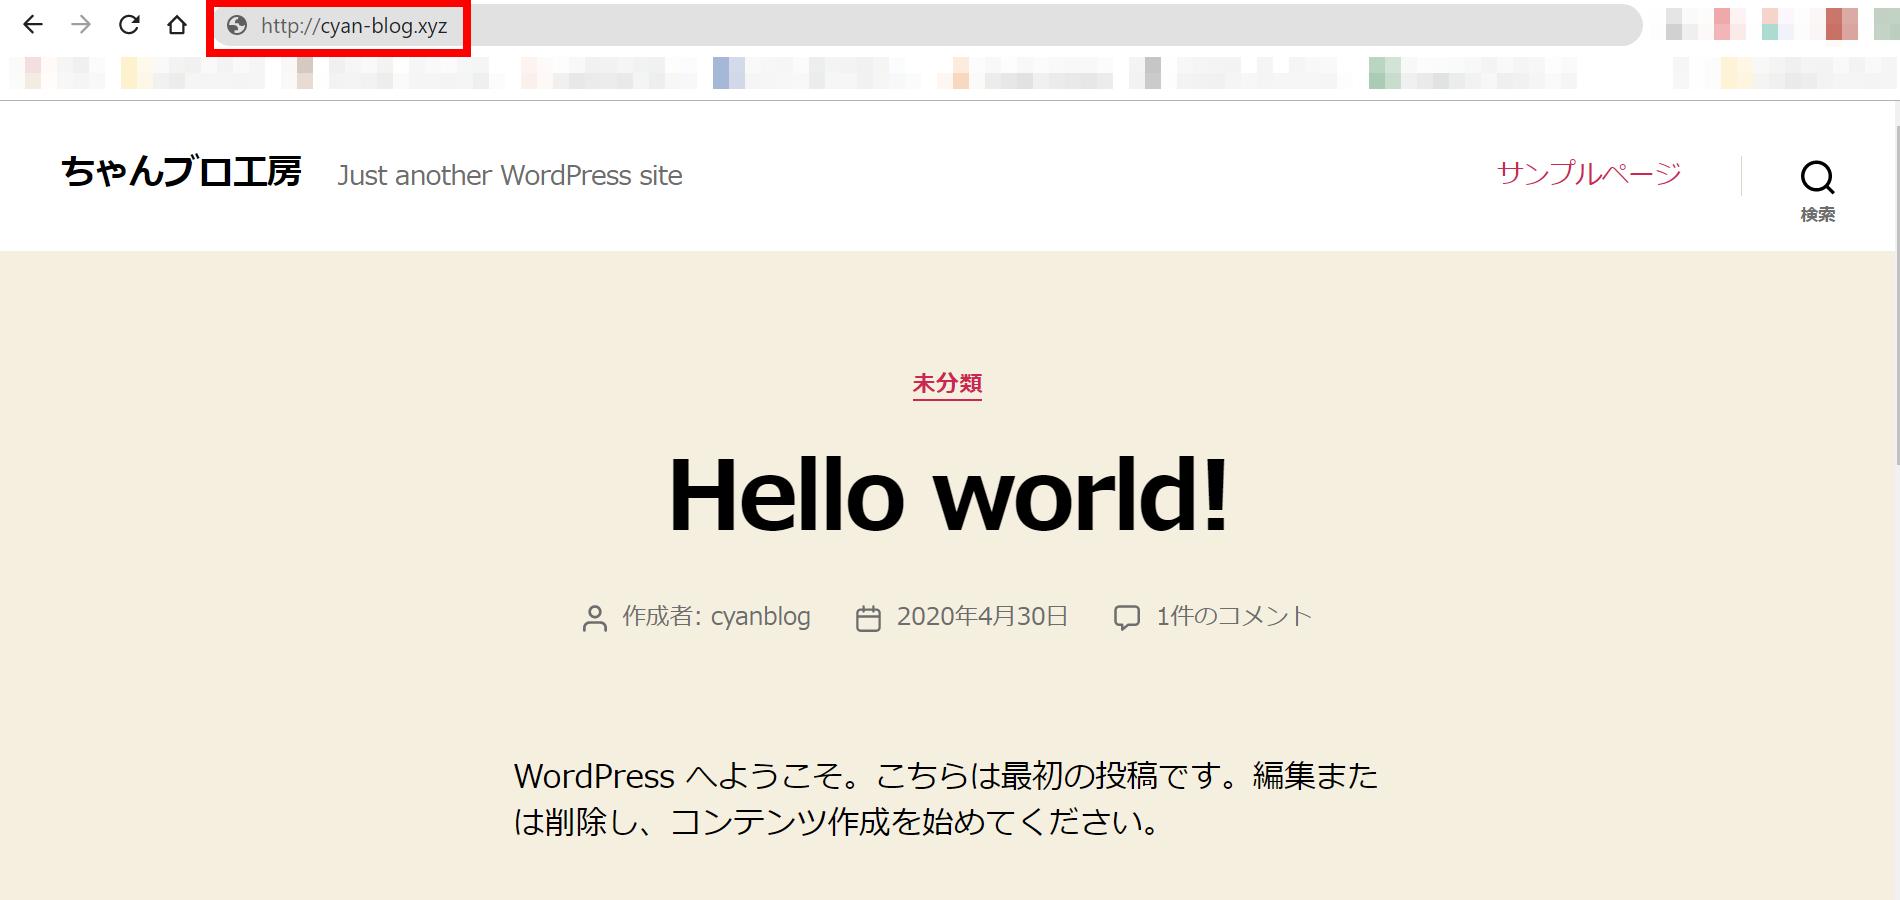 SSL化されていないブログのURL